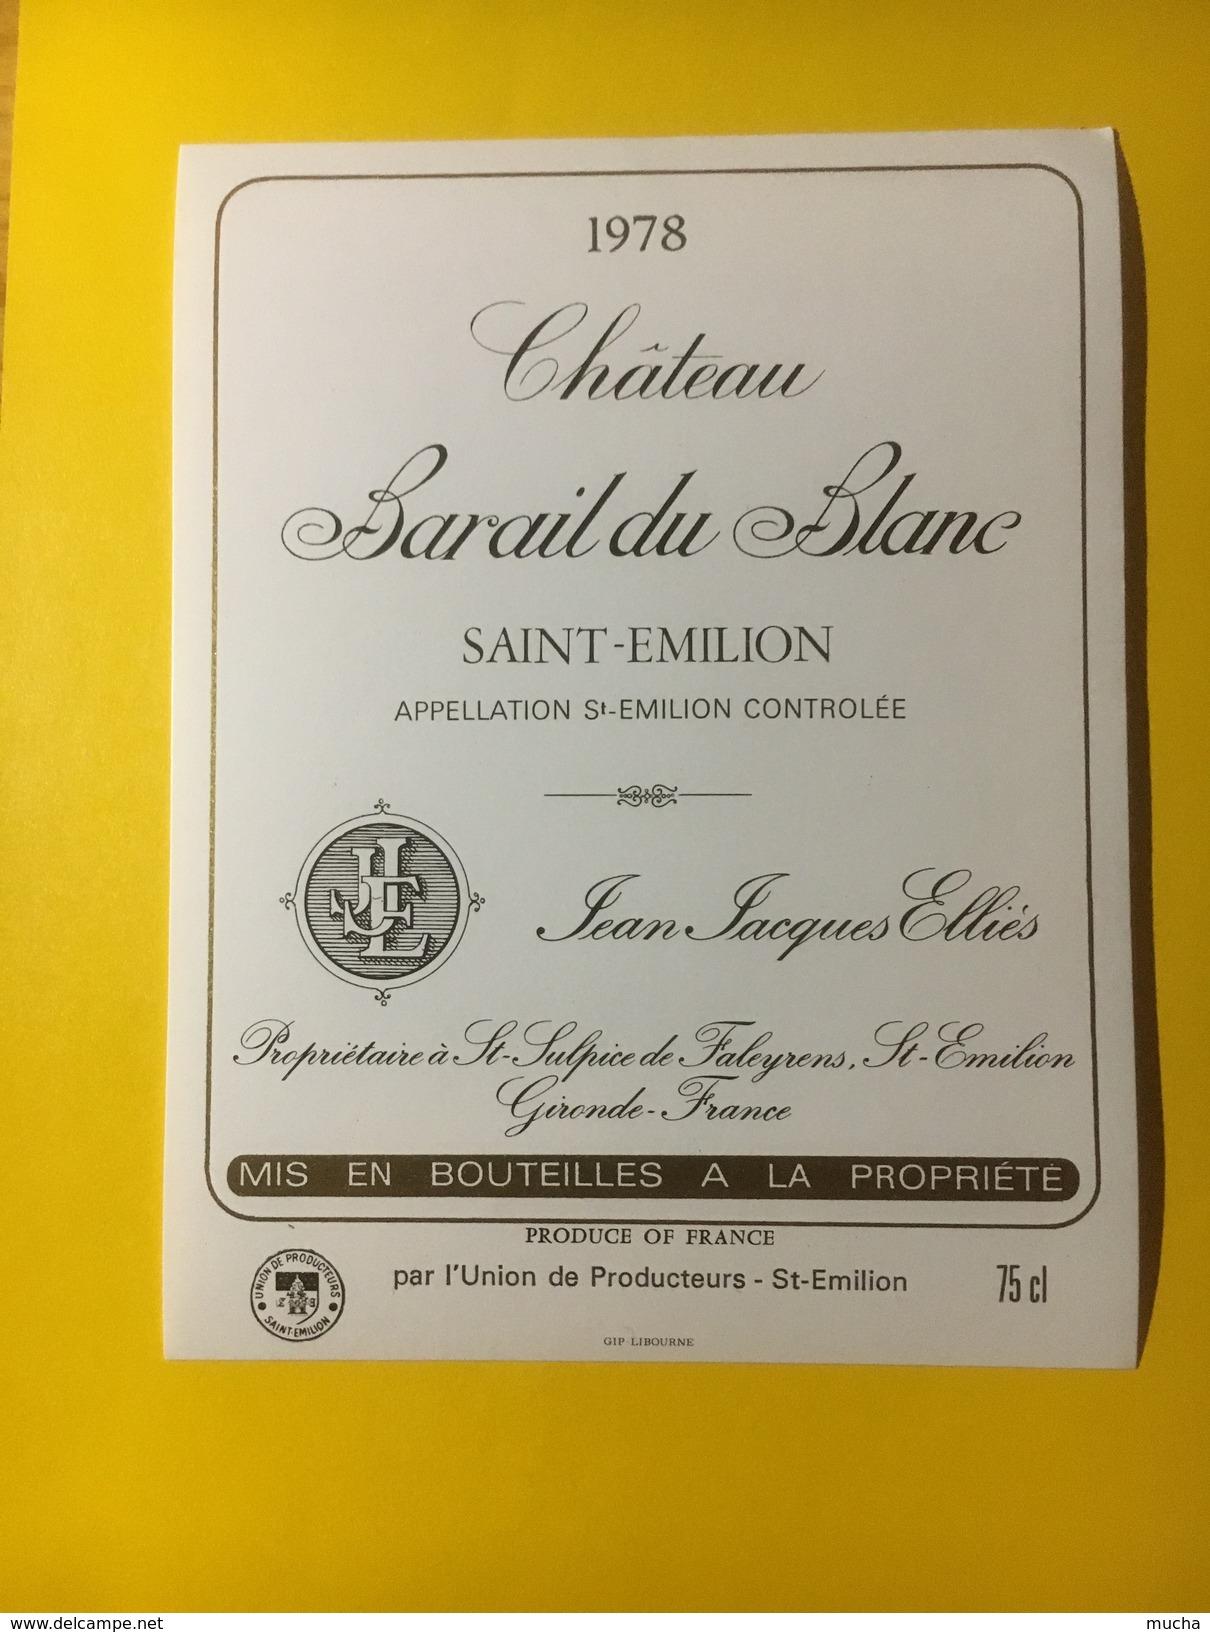 2886 - Château Barail Du Blanc 1978 St-Emilion - Bordeaux